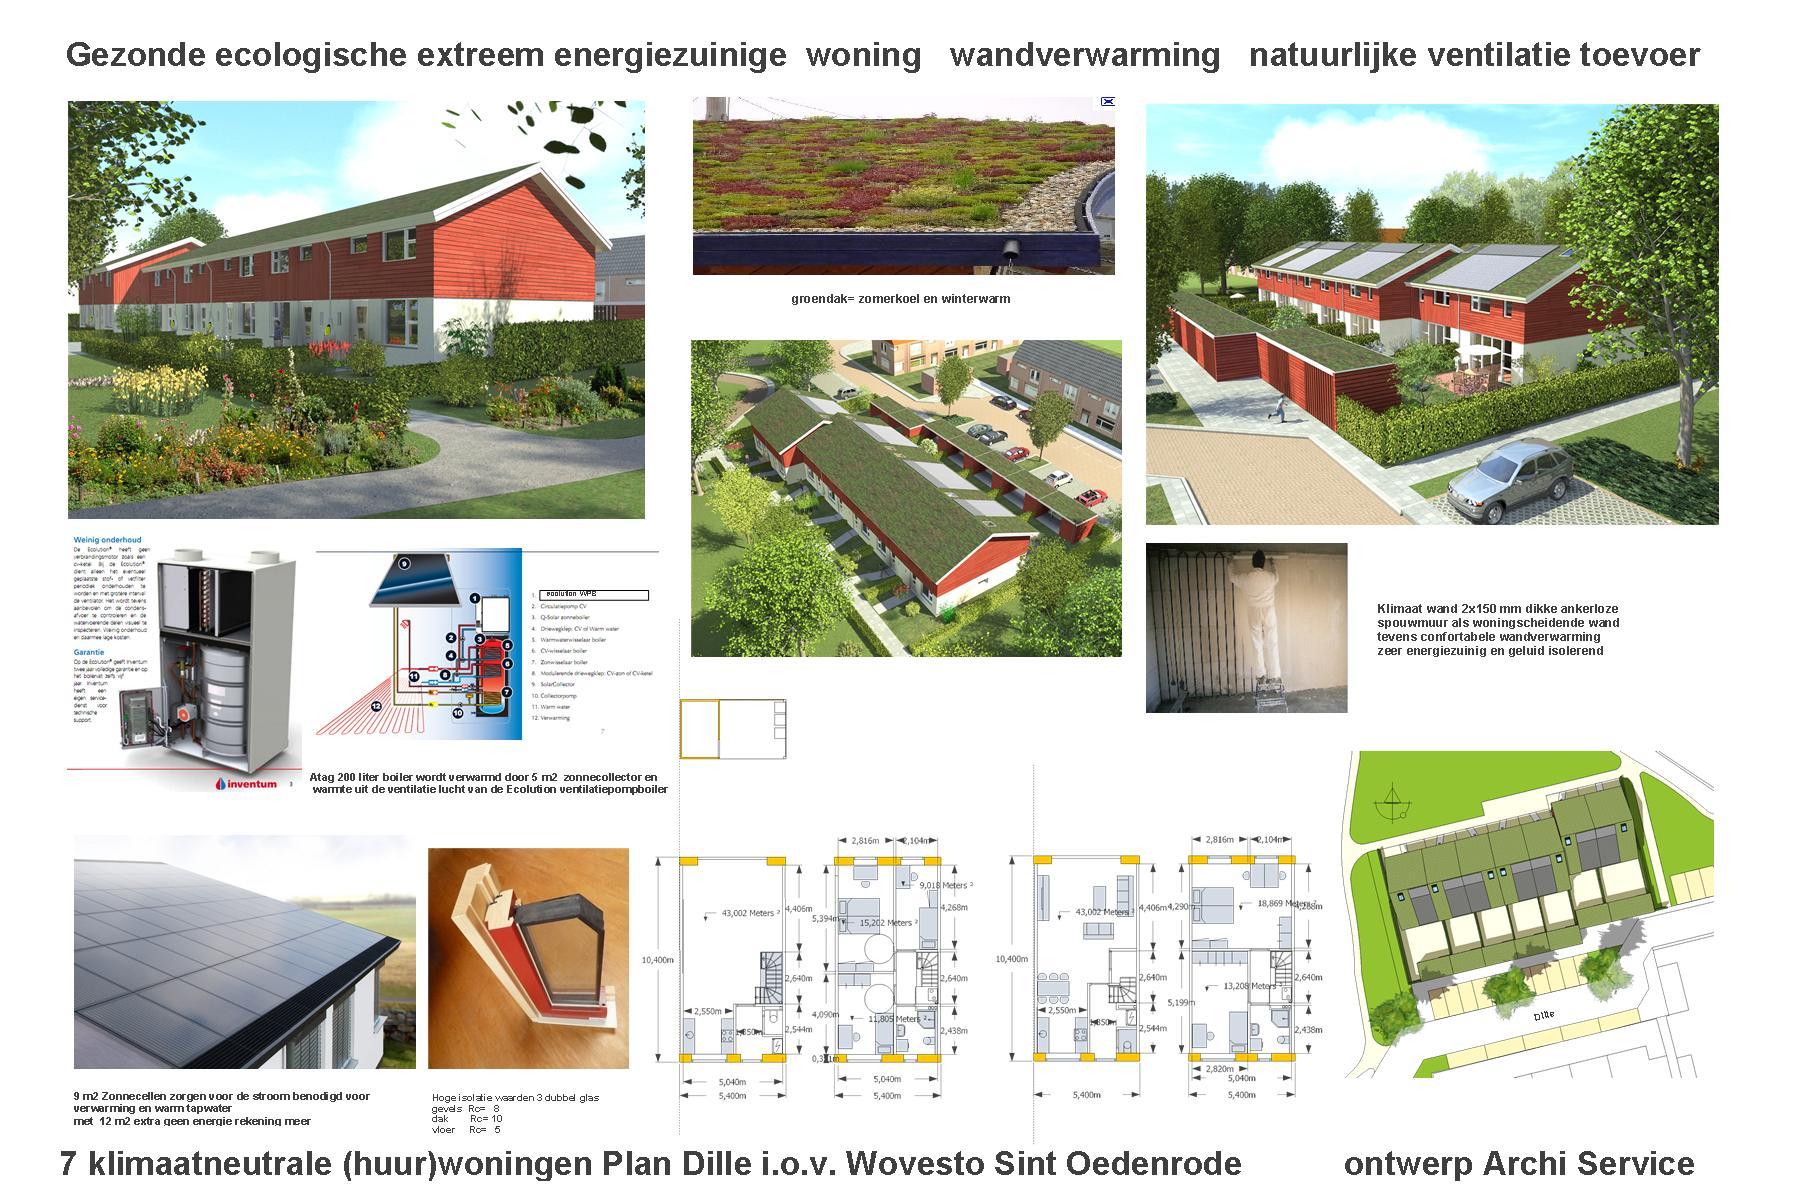 Brabantwoning St Oedenrode